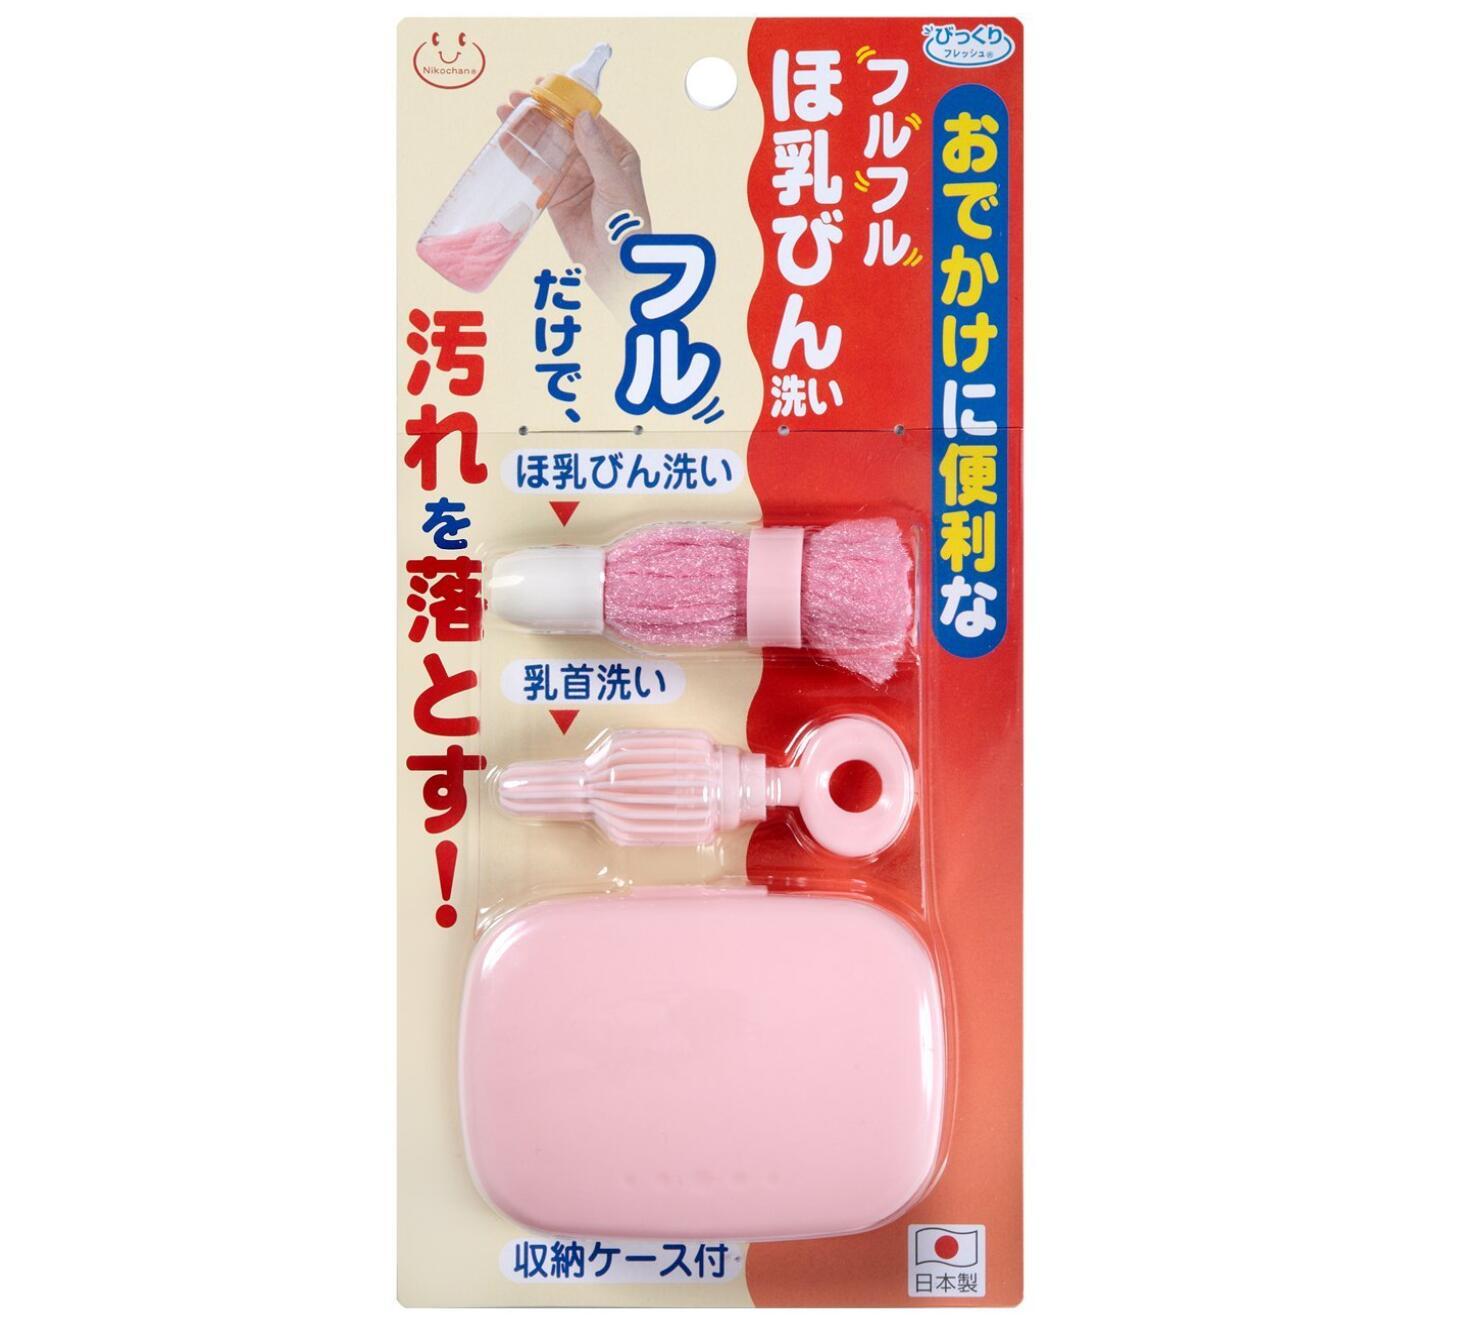 Сейчас в надичии япония путешествие портативный бутылка кисти мини бутылка кисти ниппель щетка ремень получить каролина коробки